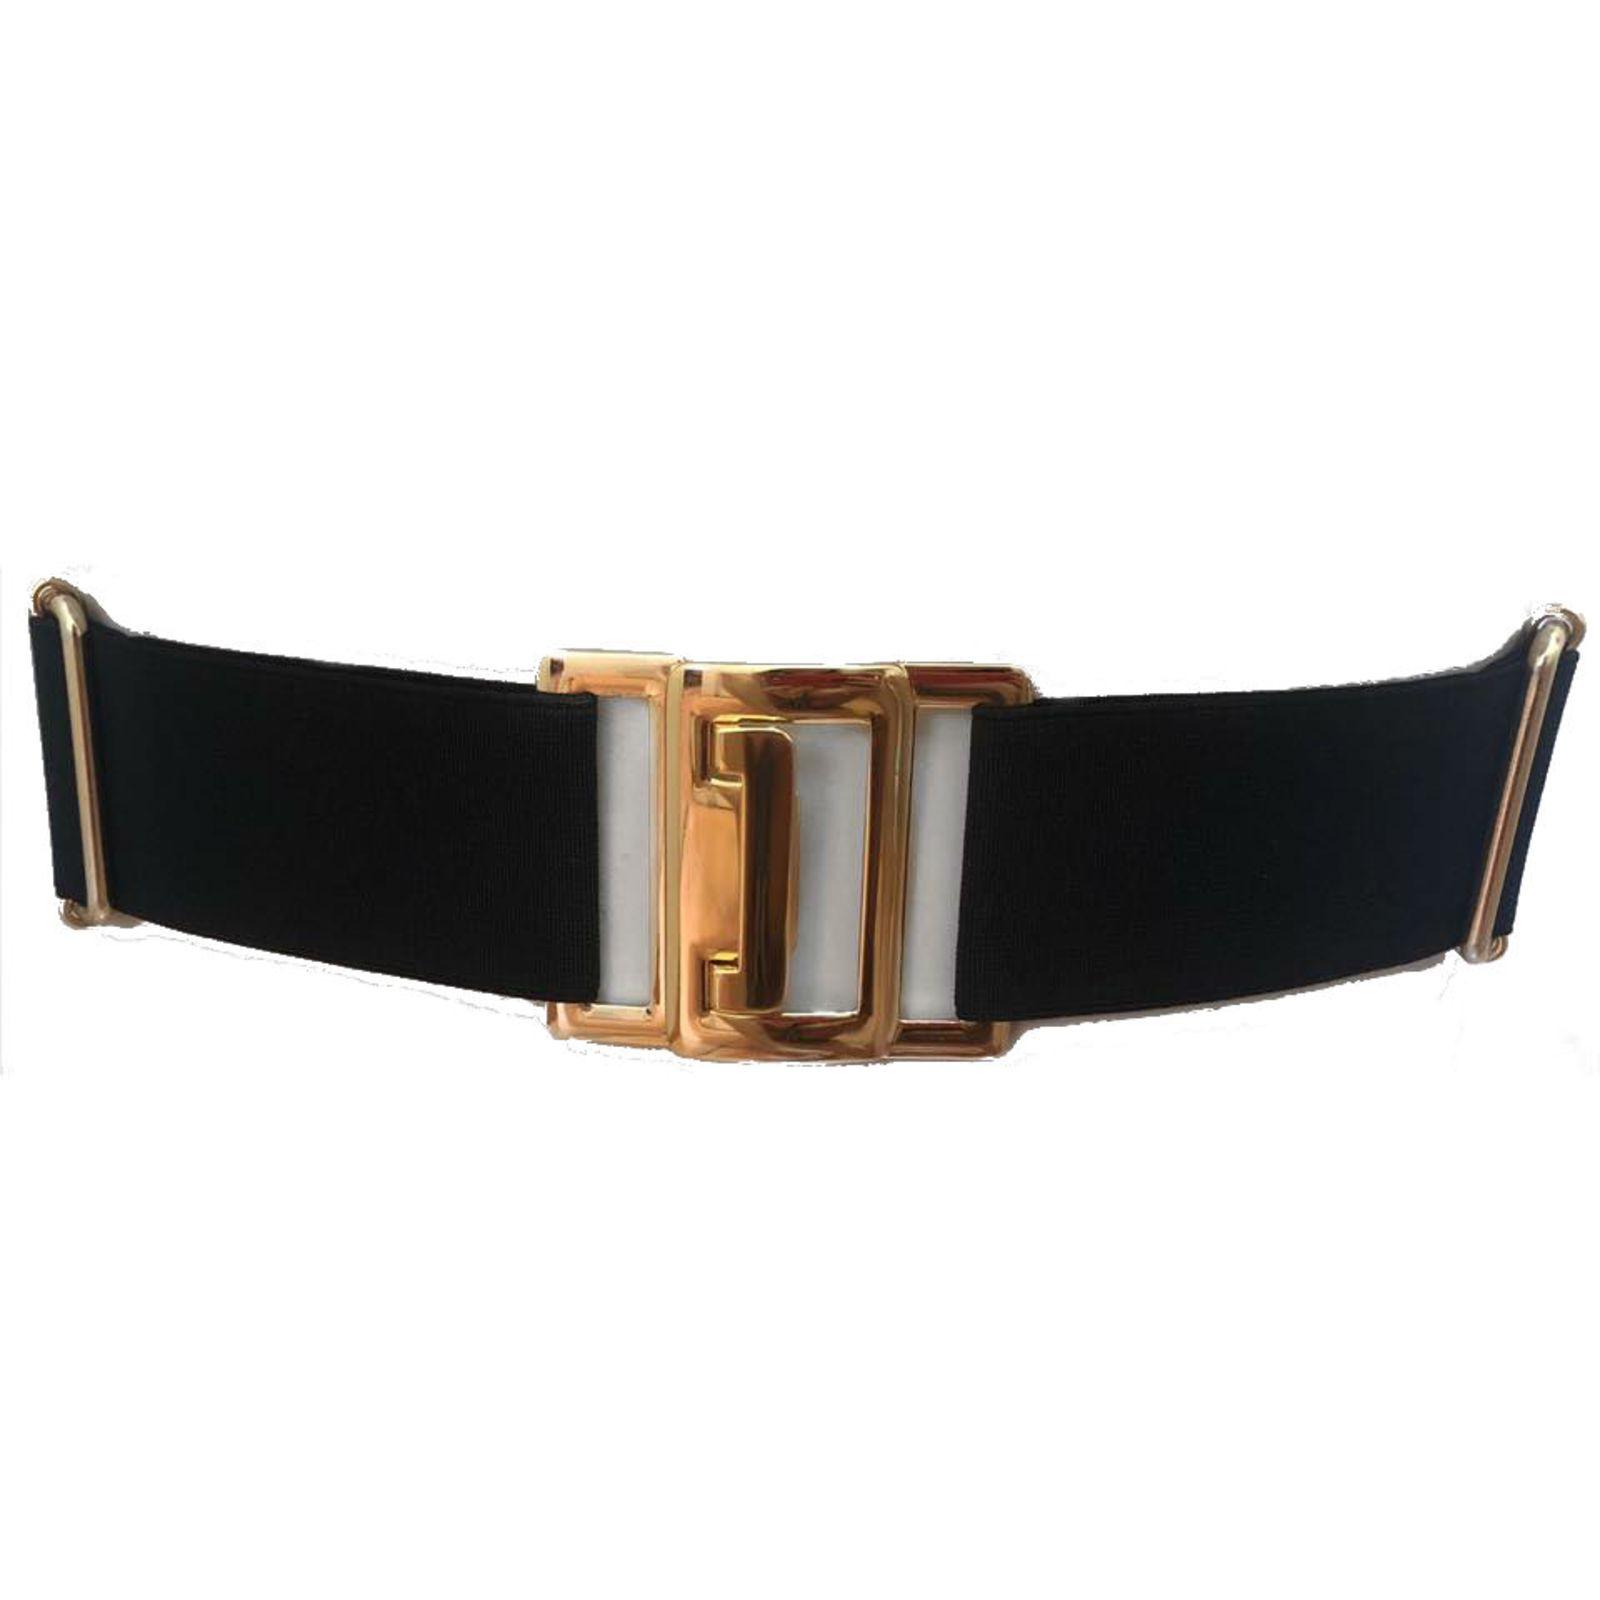 Cinto de Elástico Preto Ajustável com Regulagem e Fivela  Ouro  - Cintos Exclusivos - Feminino